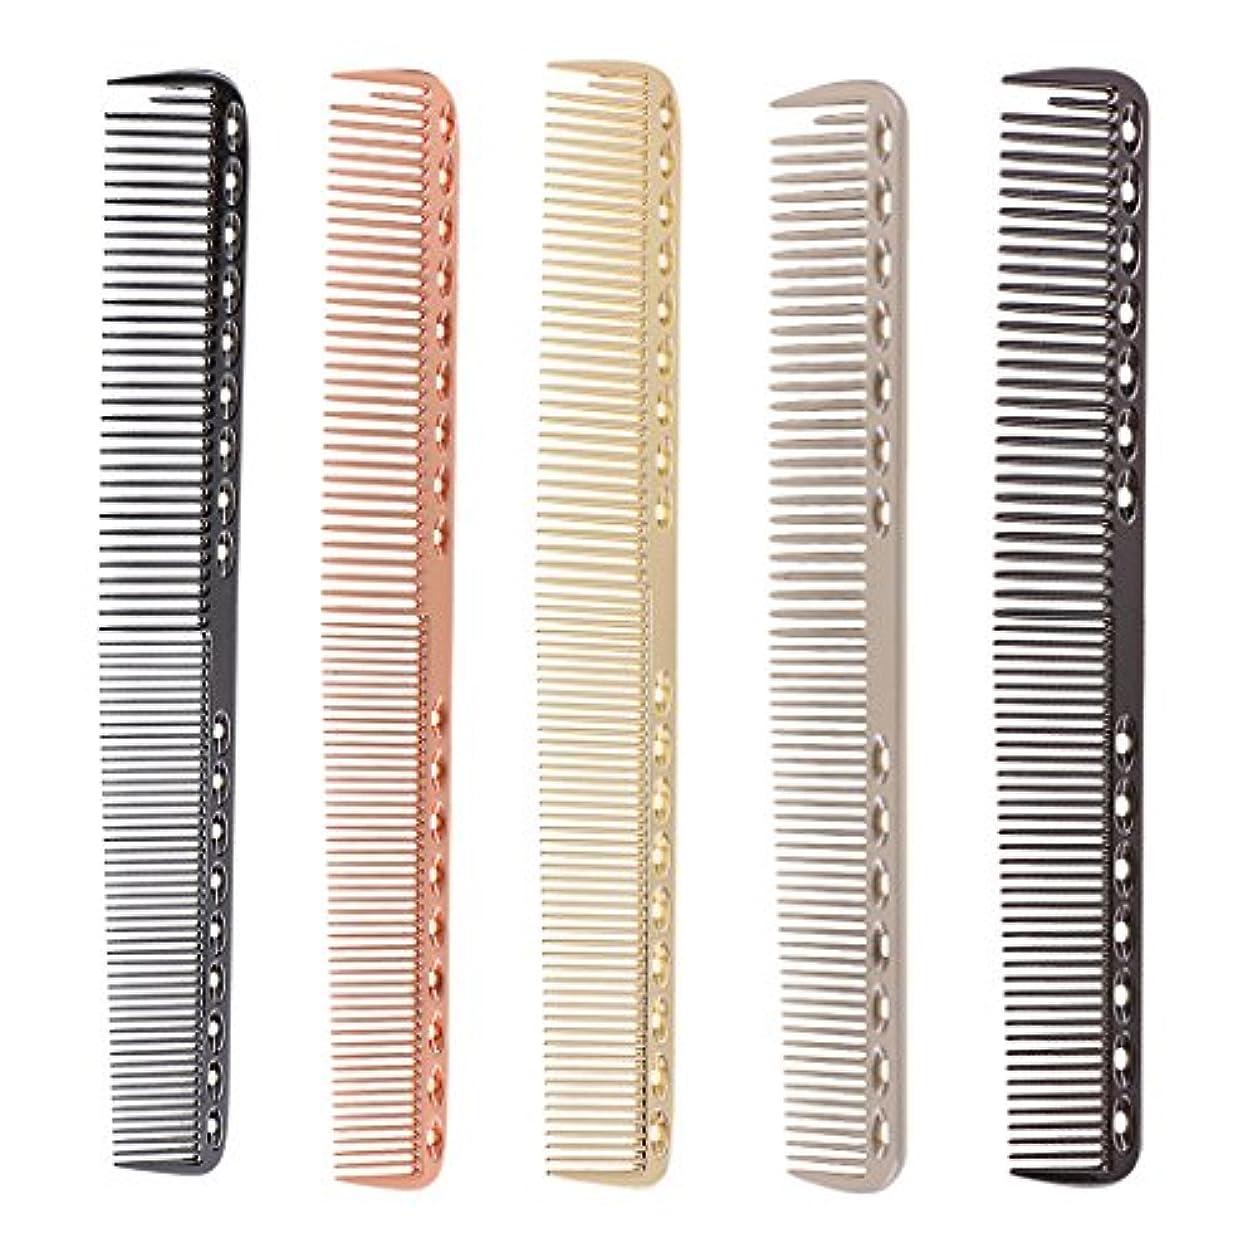 雑草黙道に迷いましたKesoto 5個入り 髪の櫛 櫛 超軽量 アルミ サロン 理髪師 ヘアカット ヘアカッティング